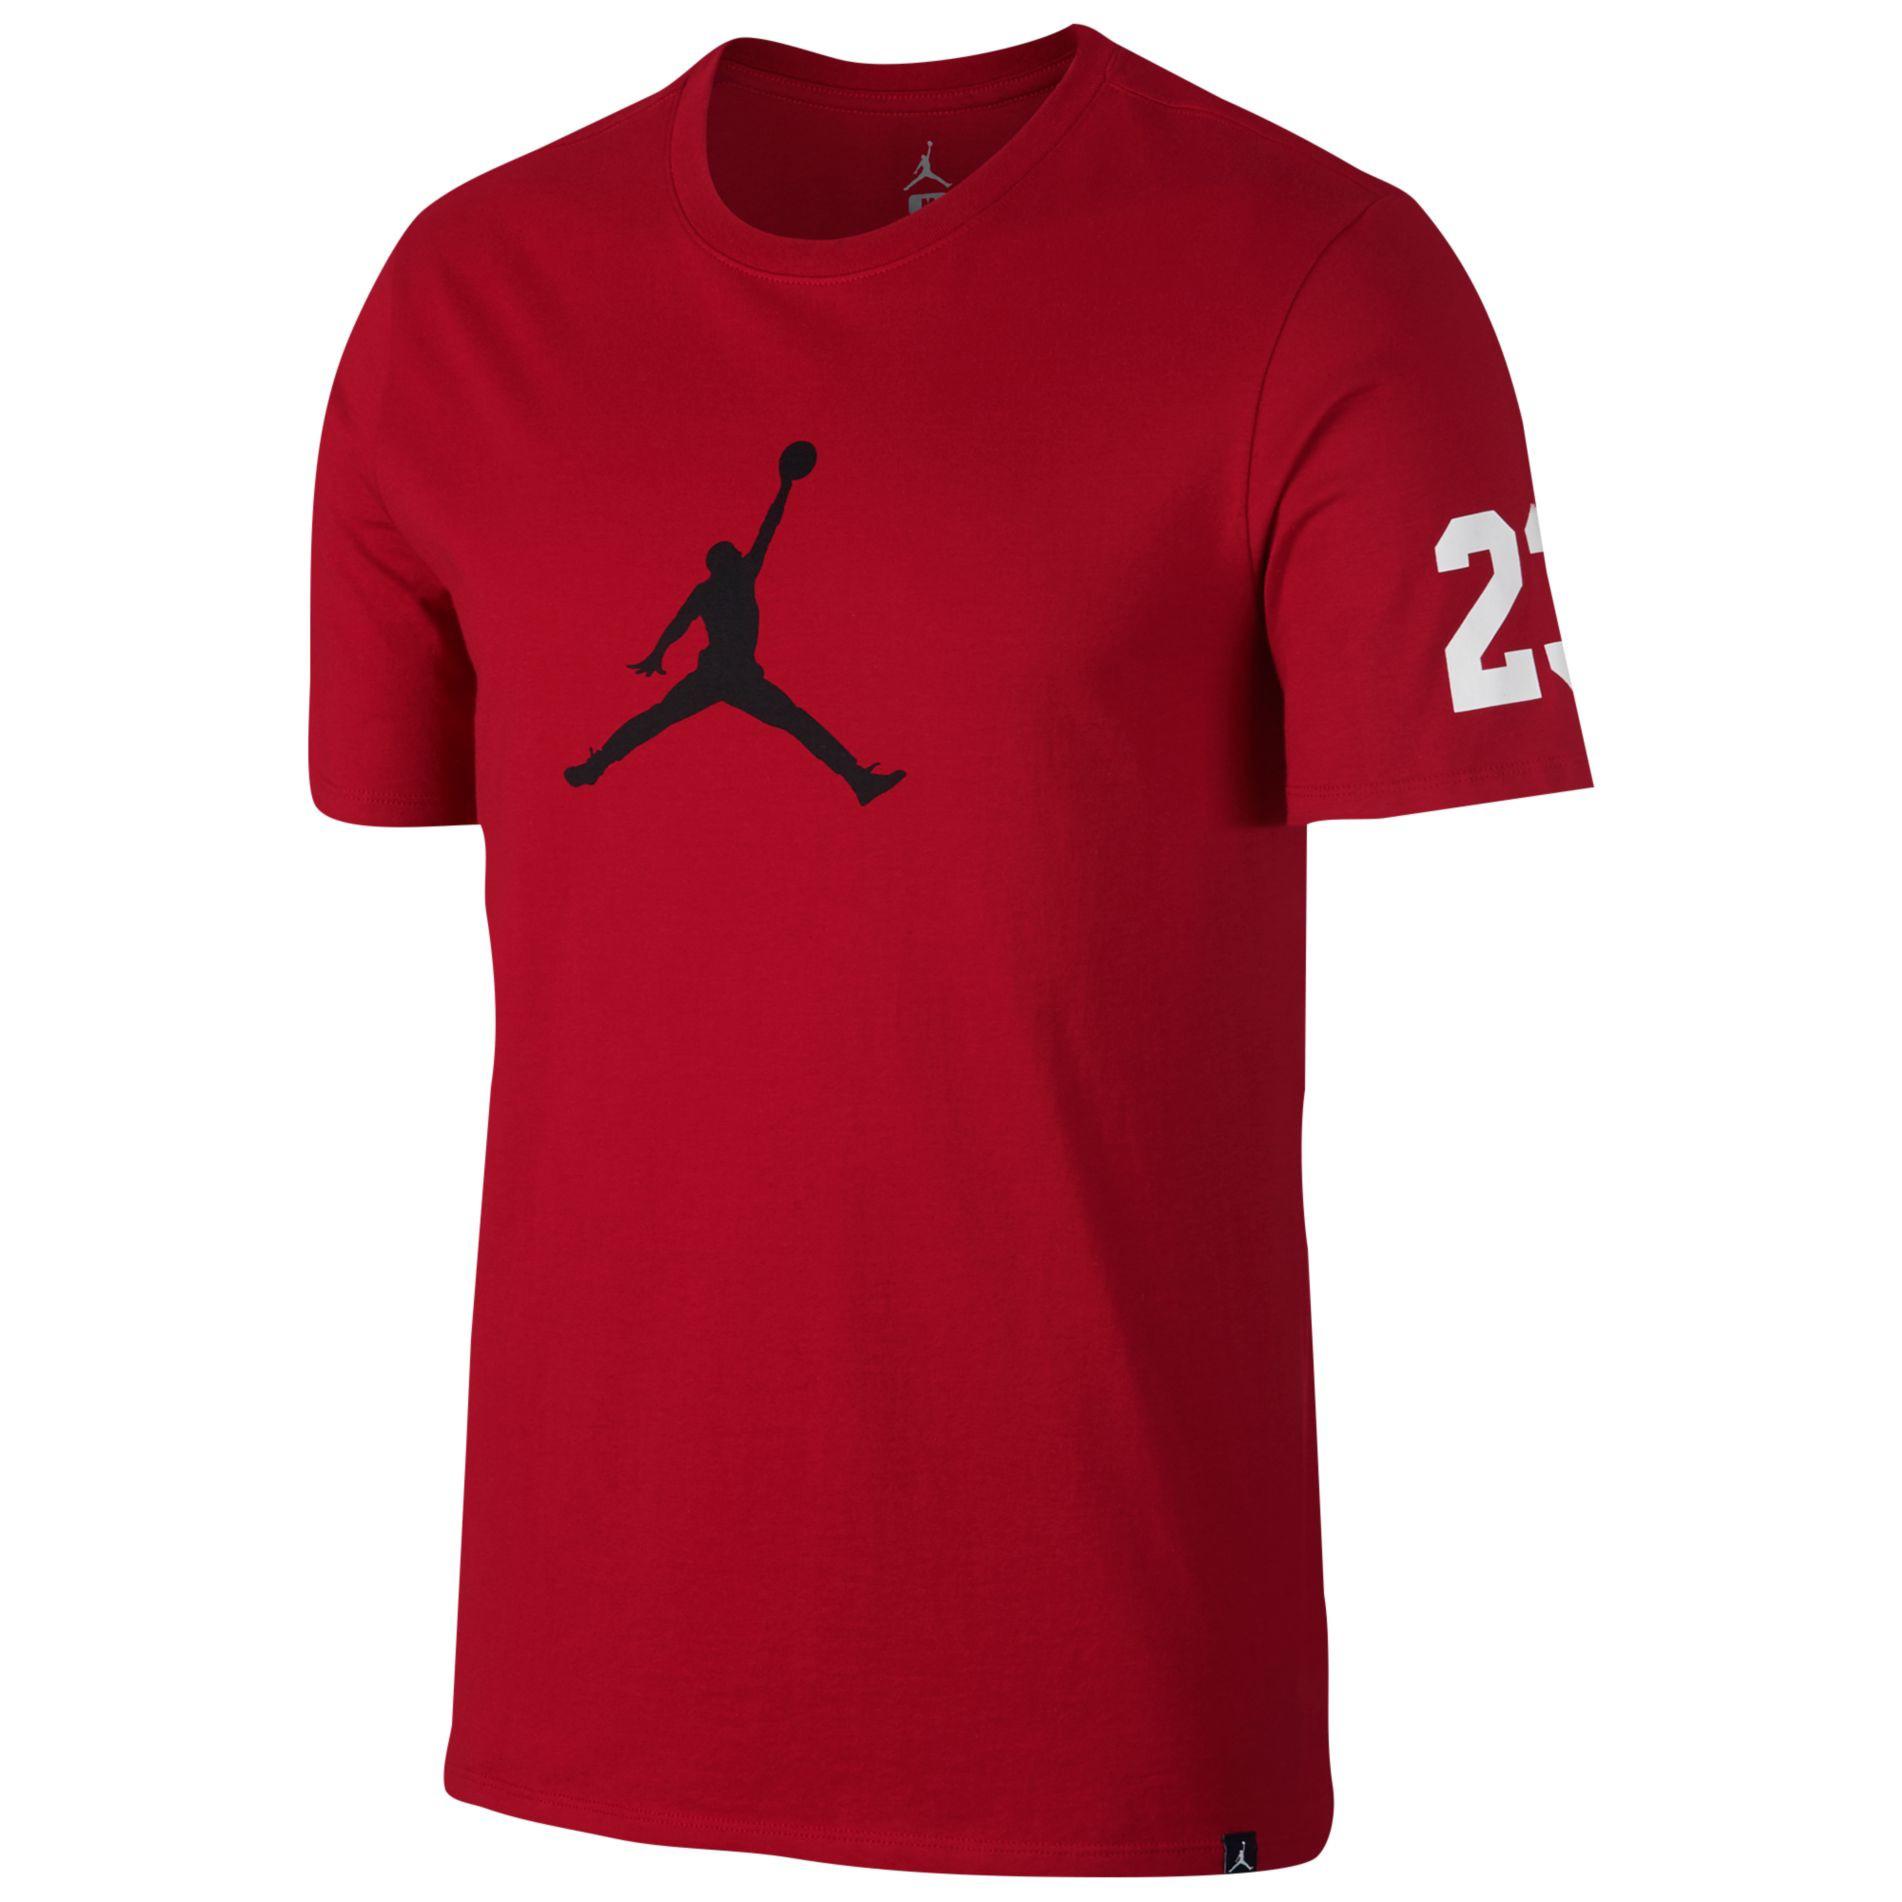 82bf7c144b77e2 Air Jordan 1 Bred Toe Matching Shirts